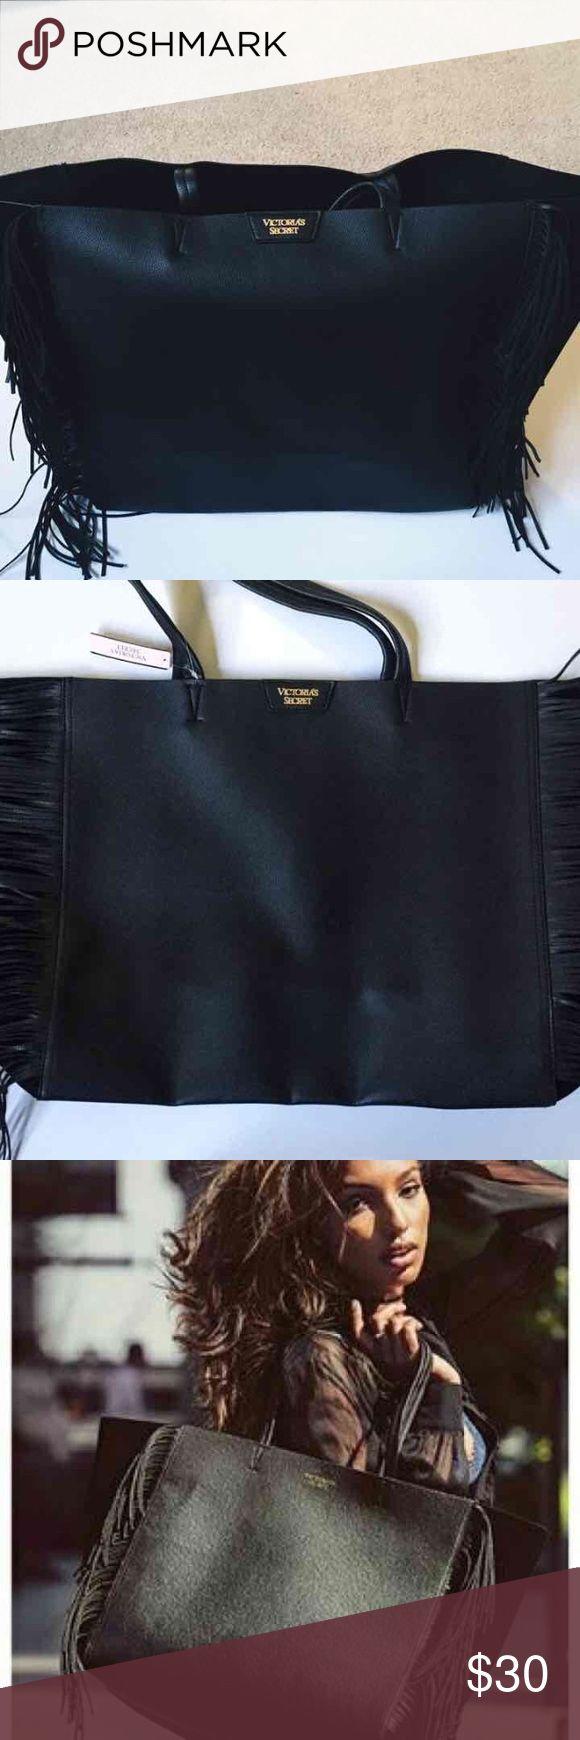 Victoria's Secret Fringe Tote victoria's secret fringe tote bag! PINK Victoria's Secret Bags Totes